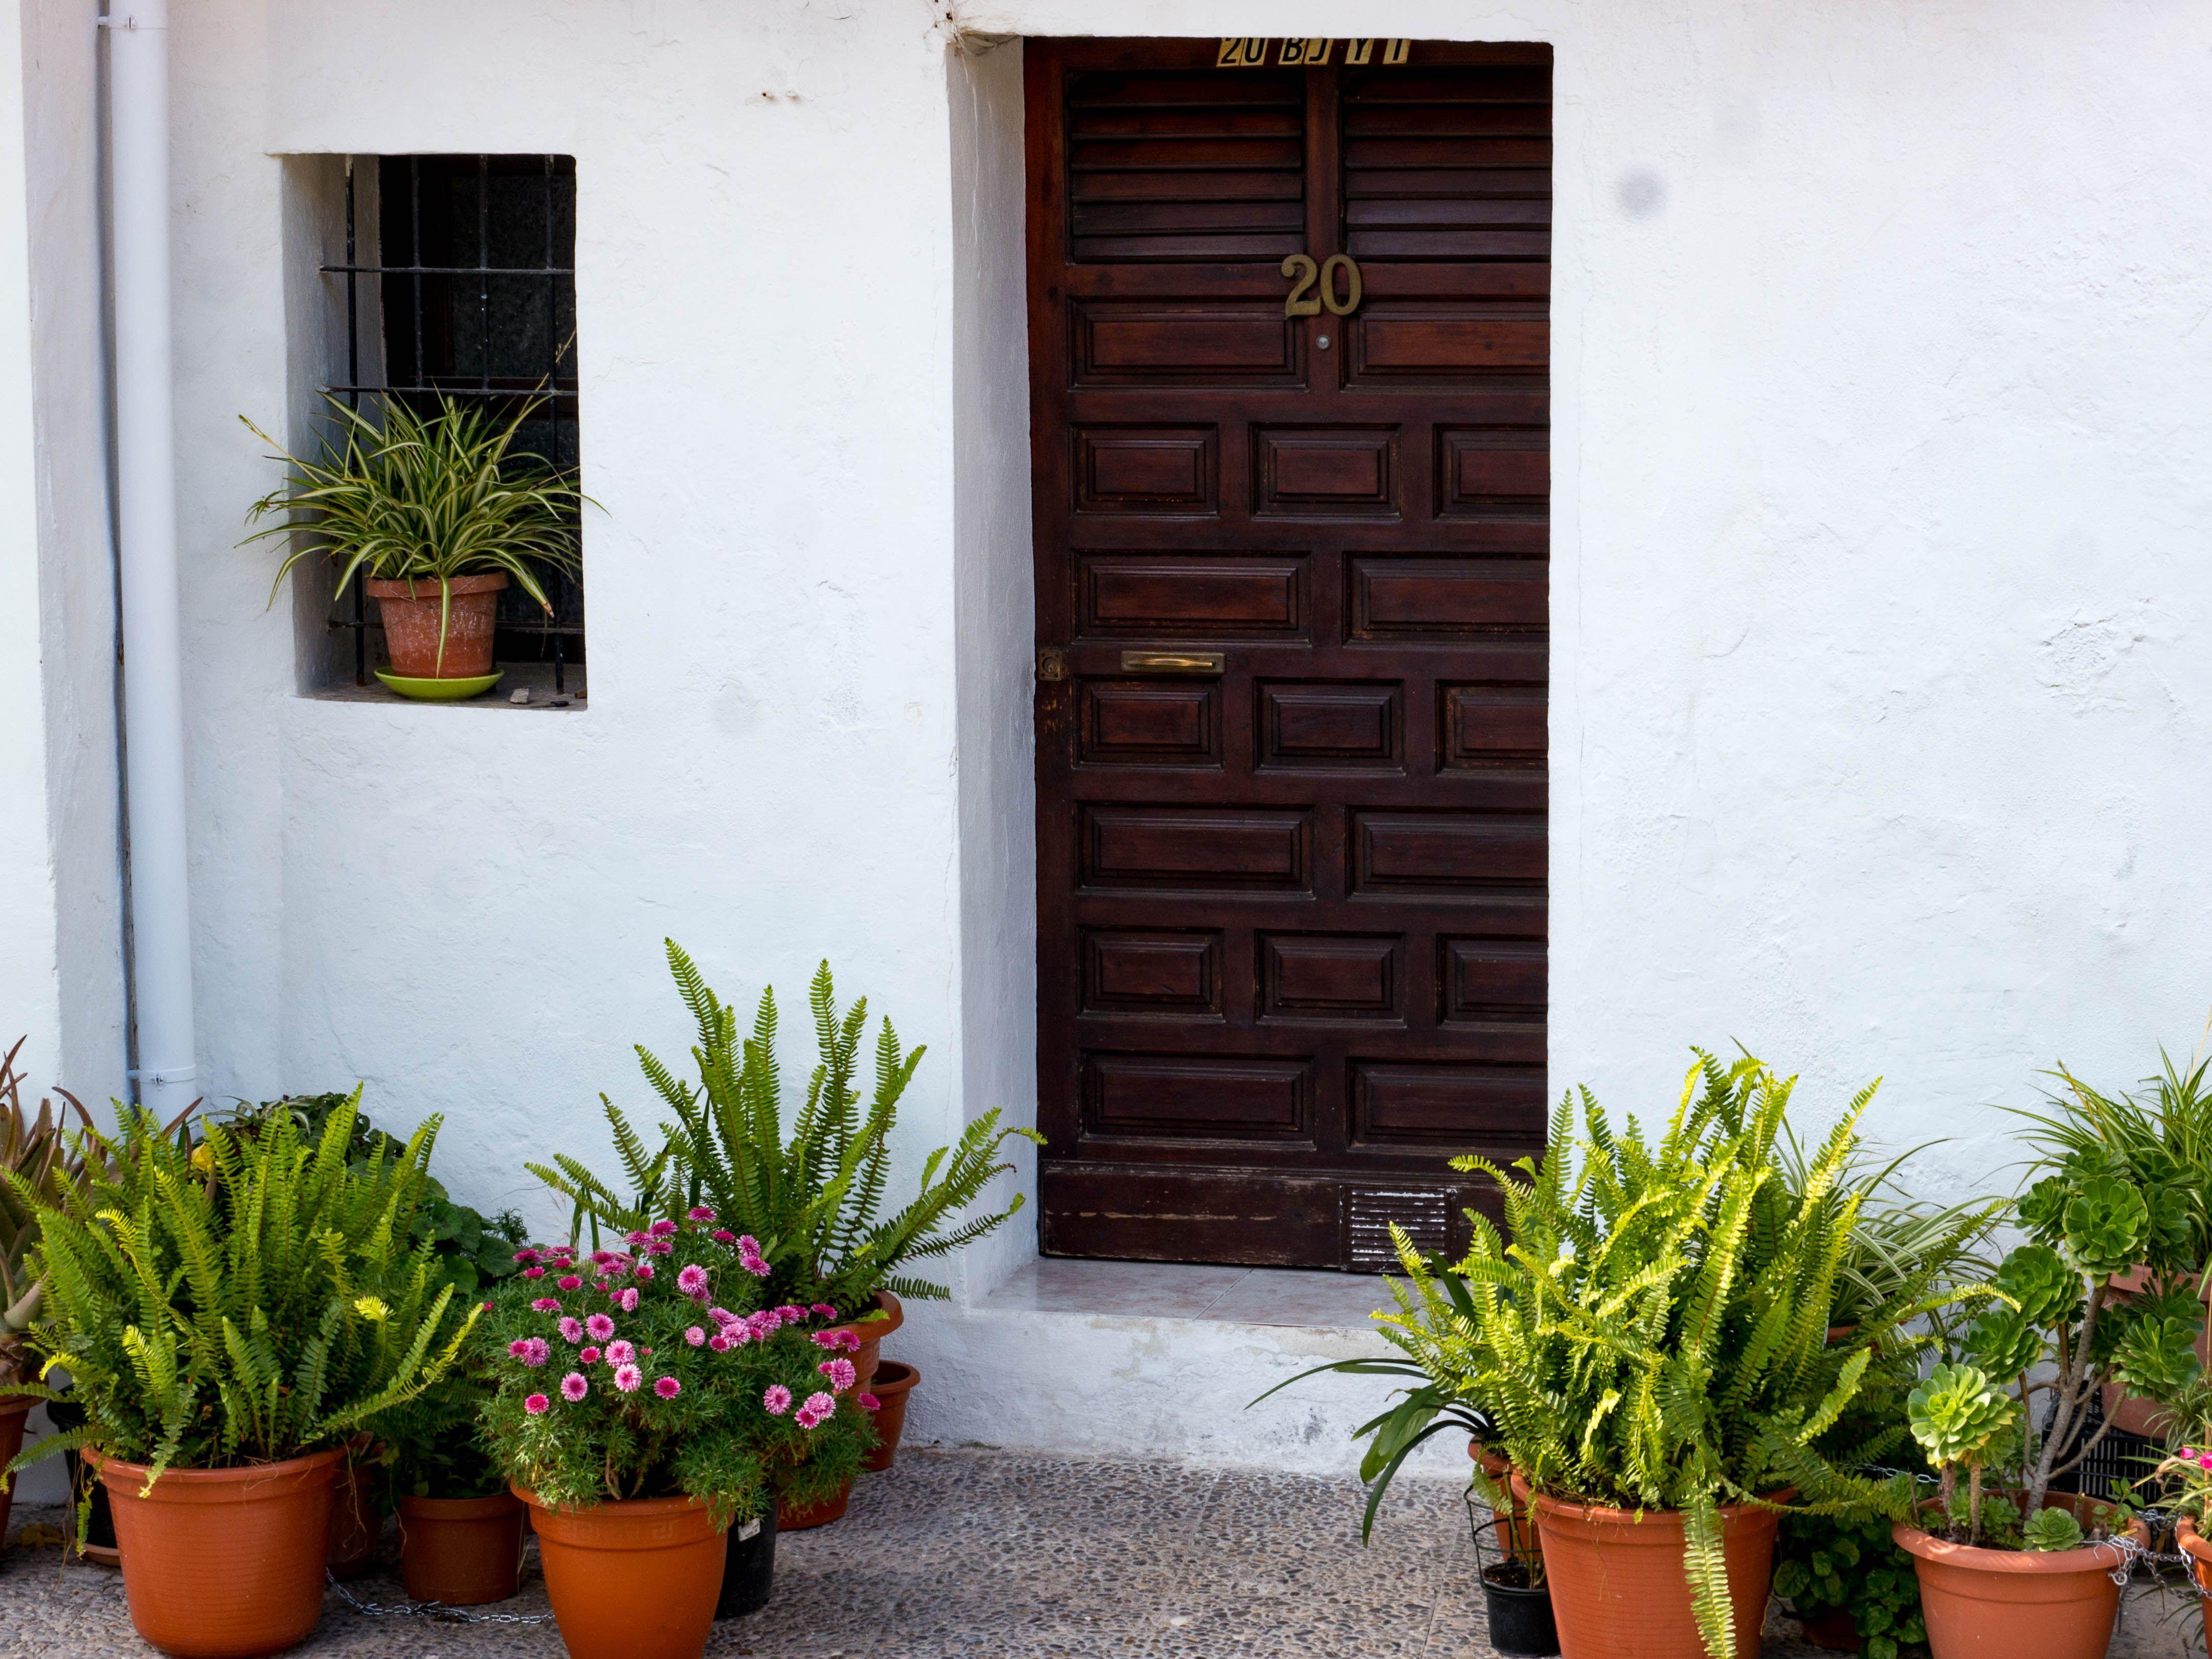 Mein Garten Pflanzen Und Garten Fur Entspannung Und Erholung Pflanzen Garten Pflanzen Mediterraner Garten